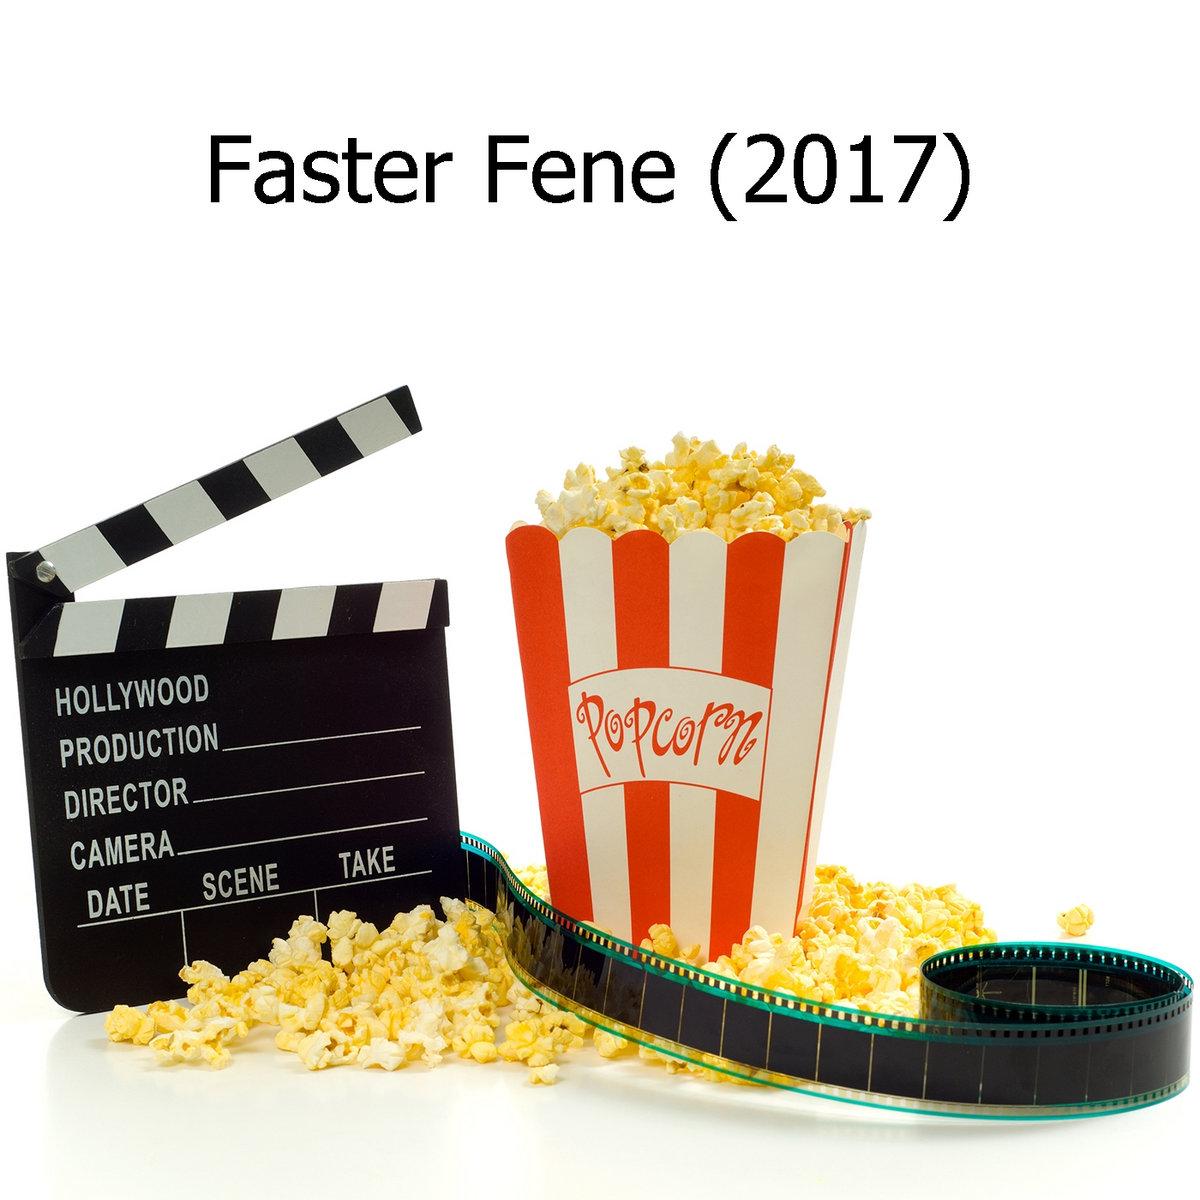 faster fene full movie download